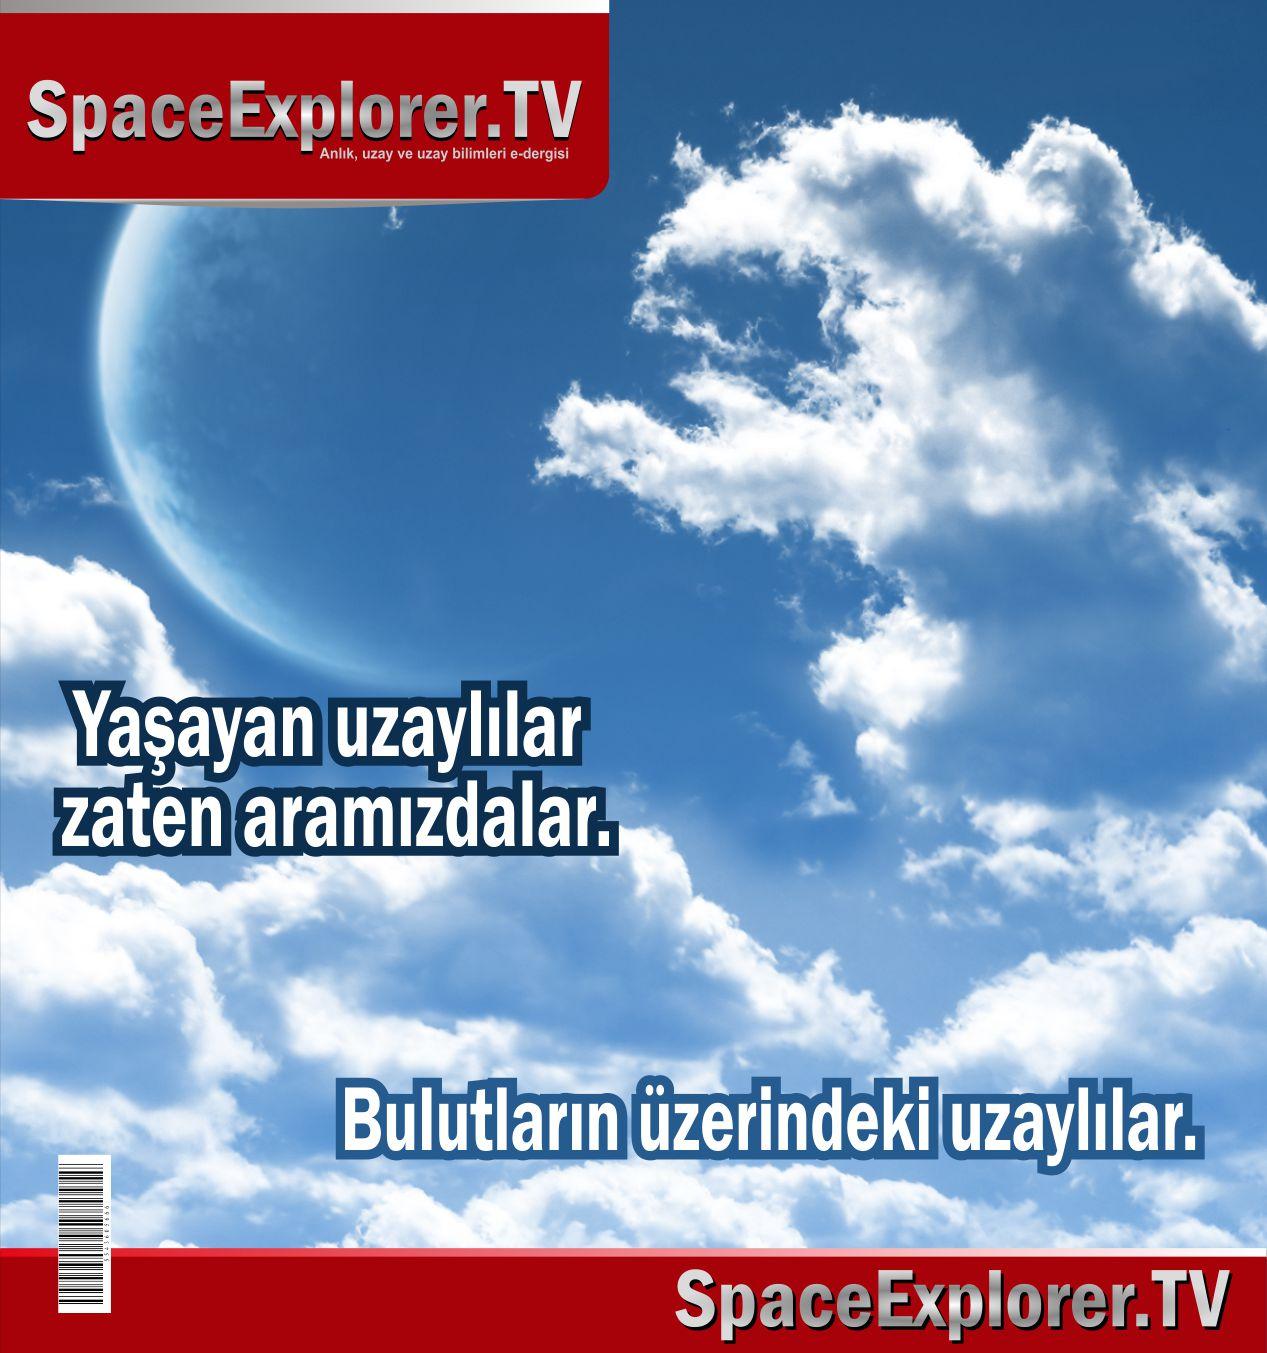 Cosmology Dergisi, Uzaylılar, UFO, Uzayda hayat var mı?, Evrende yalnız mıyız?, Mikroskobik uzaylılar, Uzay kökenli canlılar,